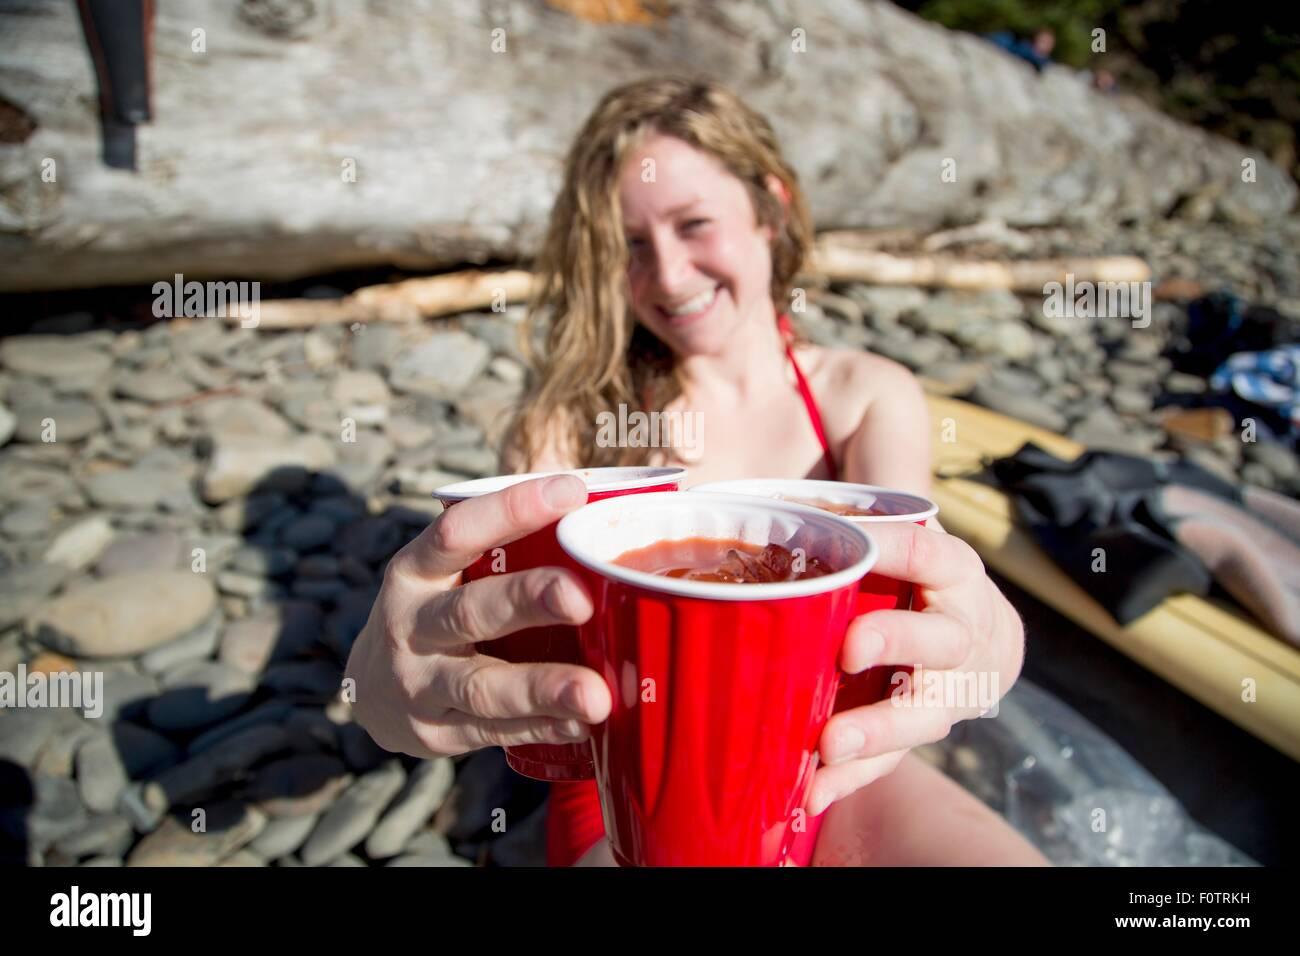 Junge Frau sitzt am felsigen Strand, hält Getränke, lächelnd, Short Sands Beach, Oregon, USA Stockbild